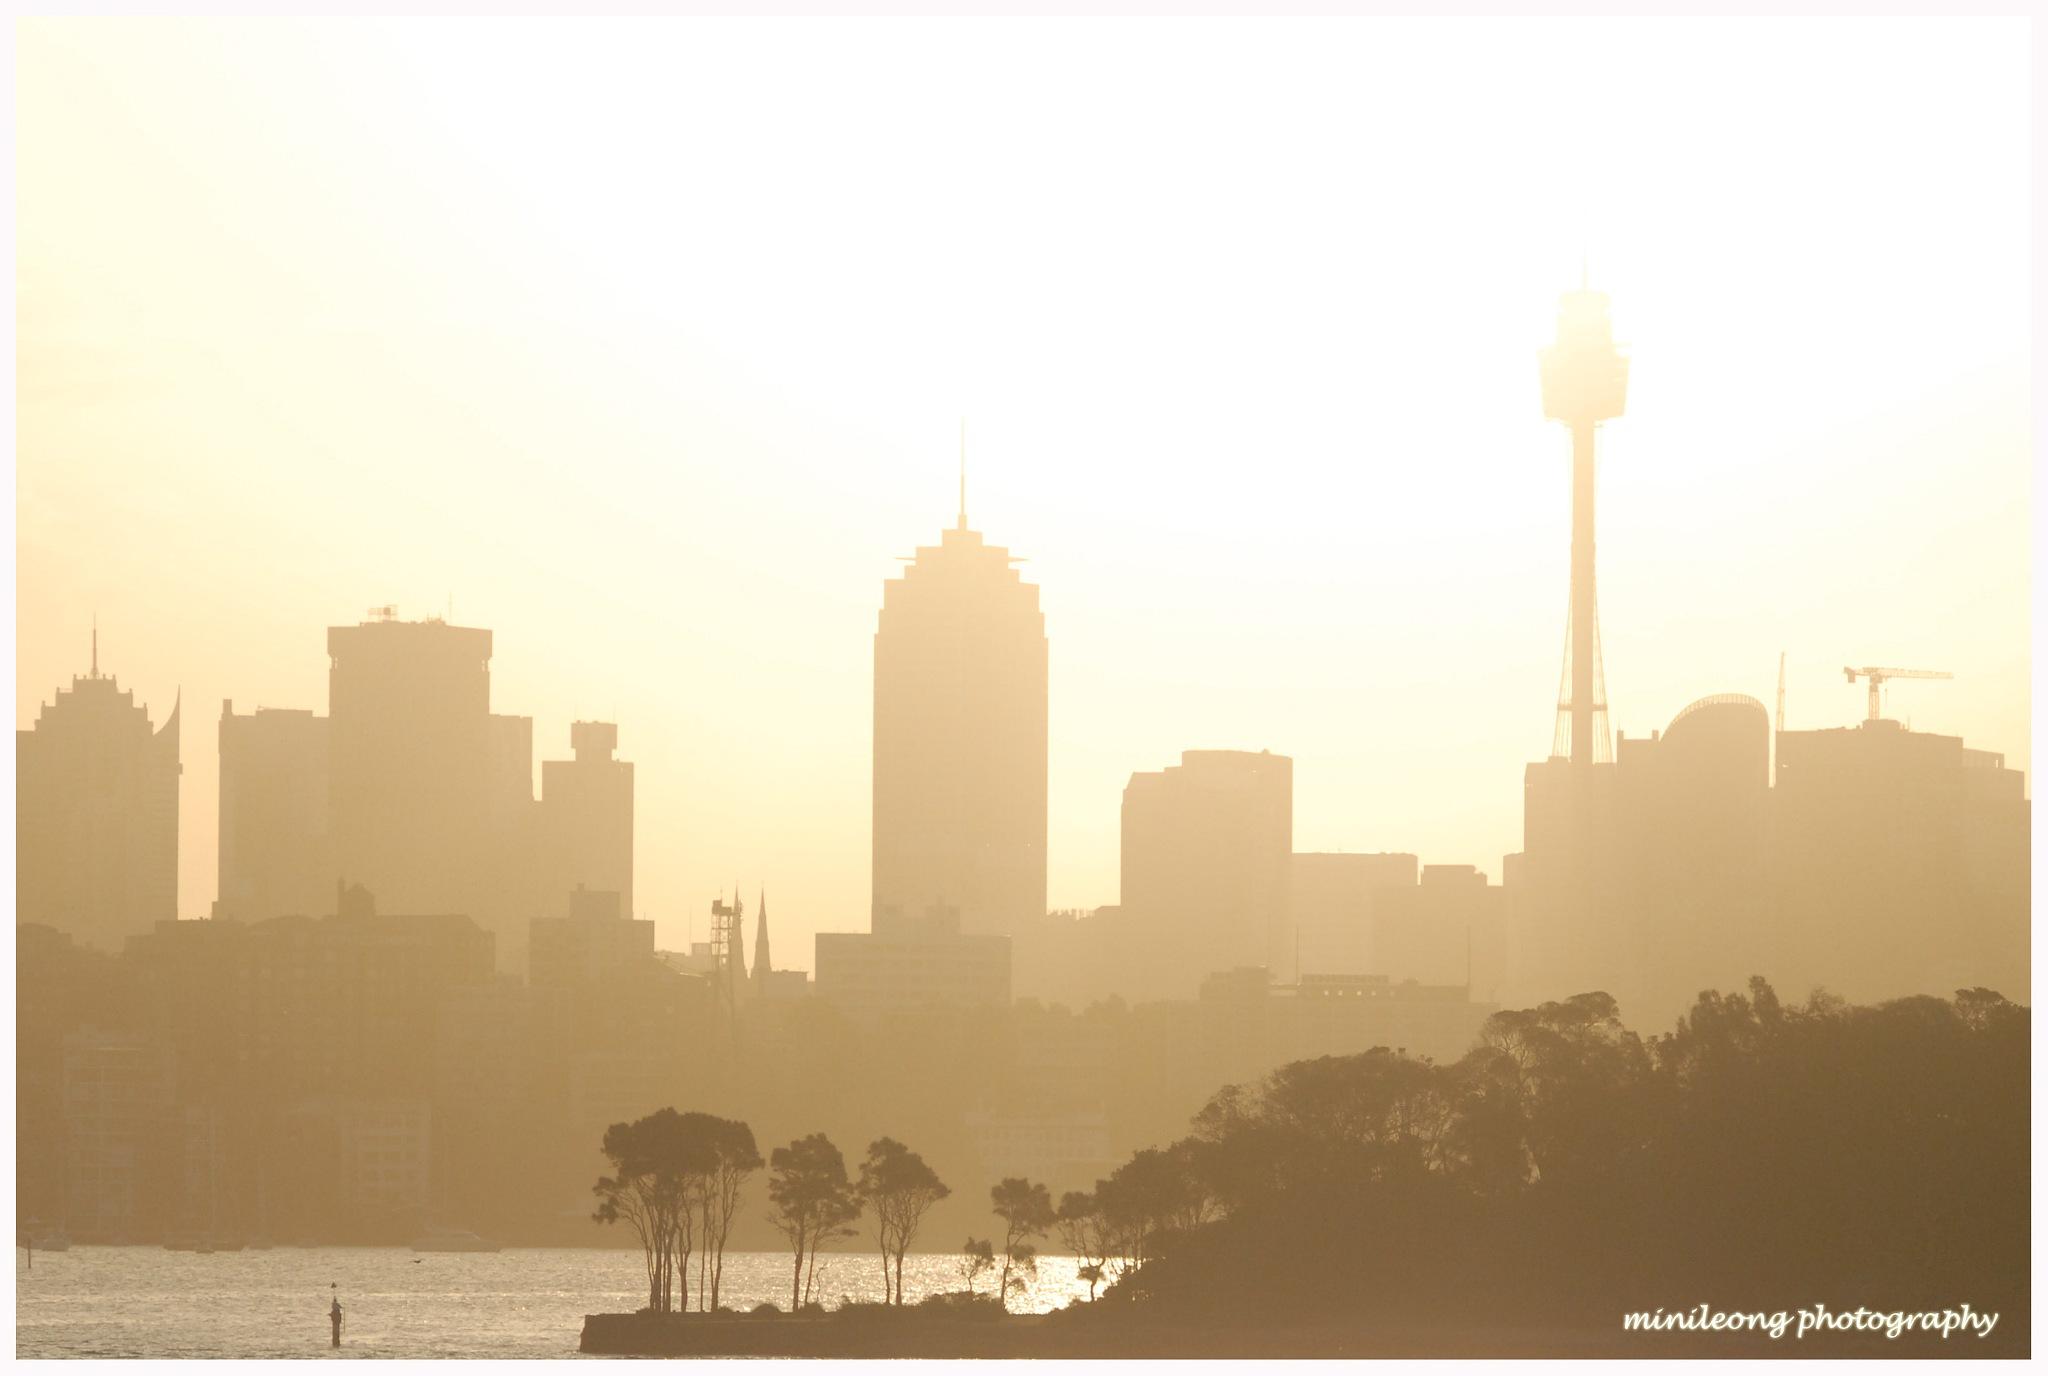 twilight city by minileong